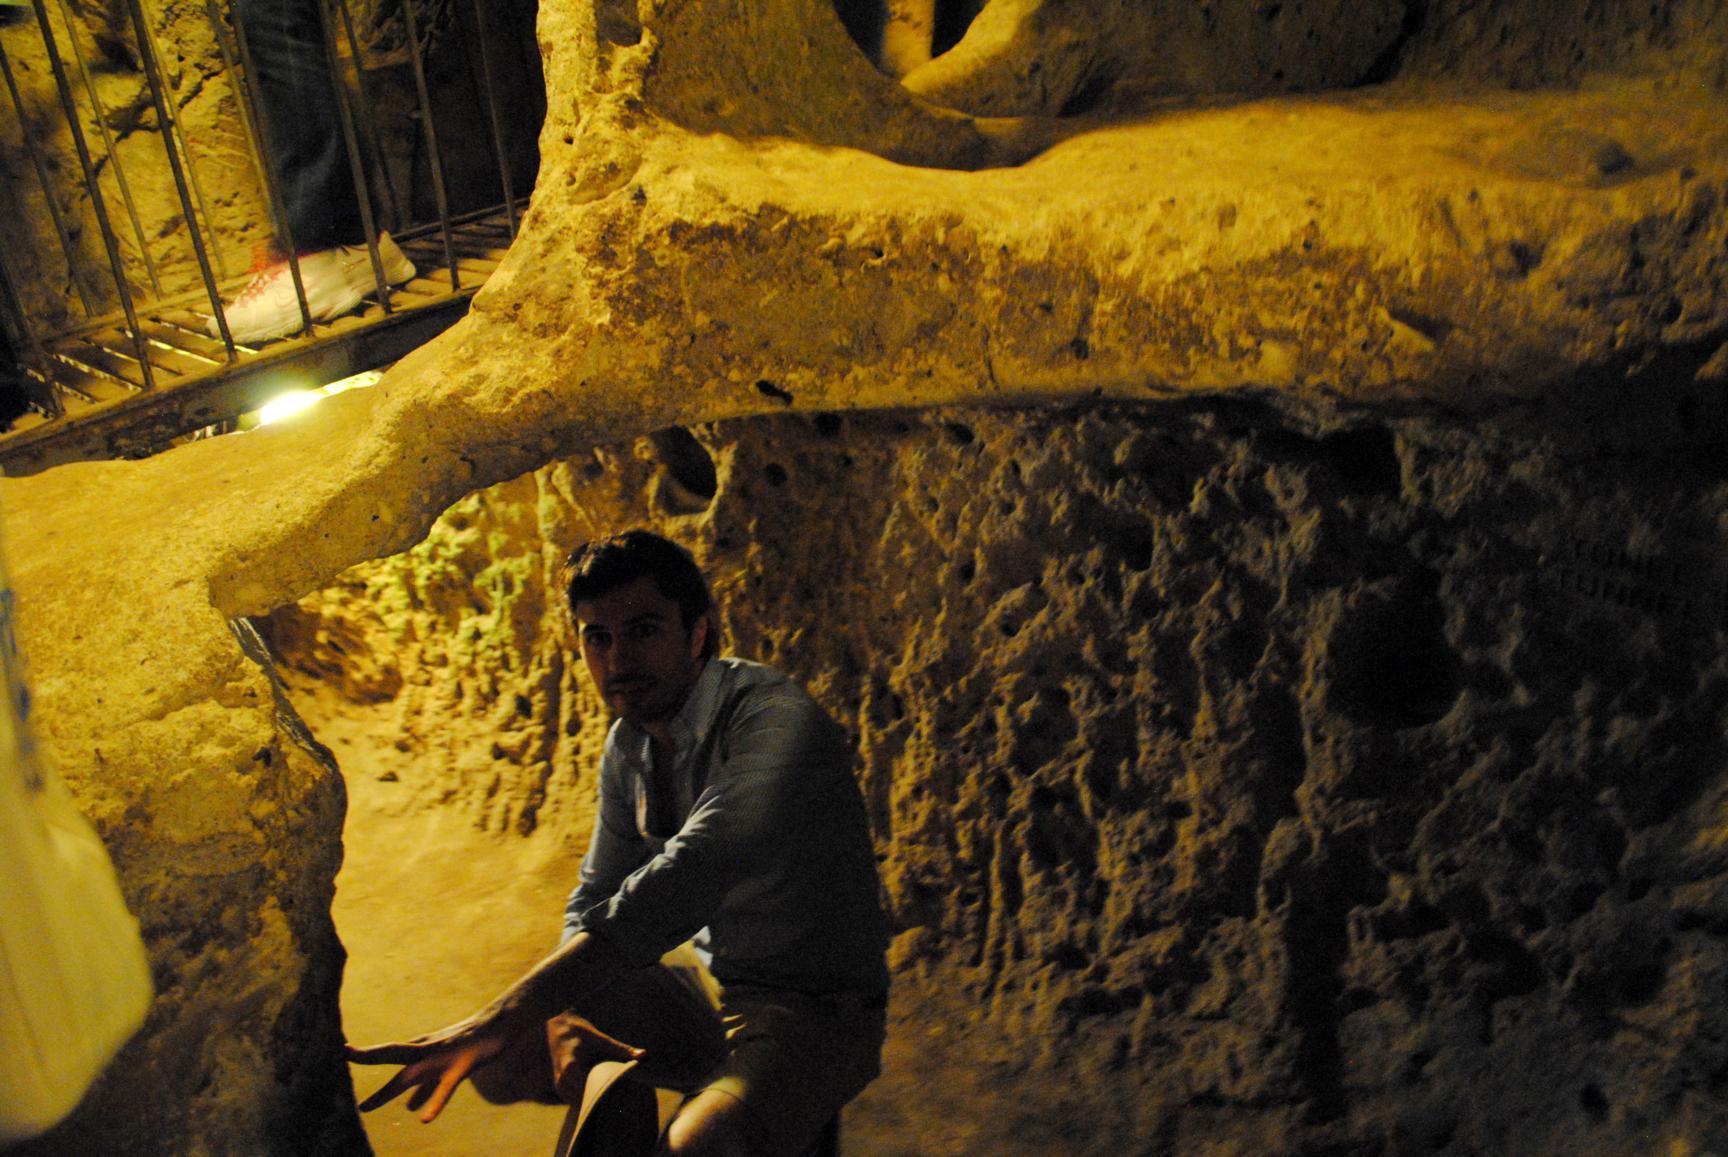 derinkuyu-subterranea-3